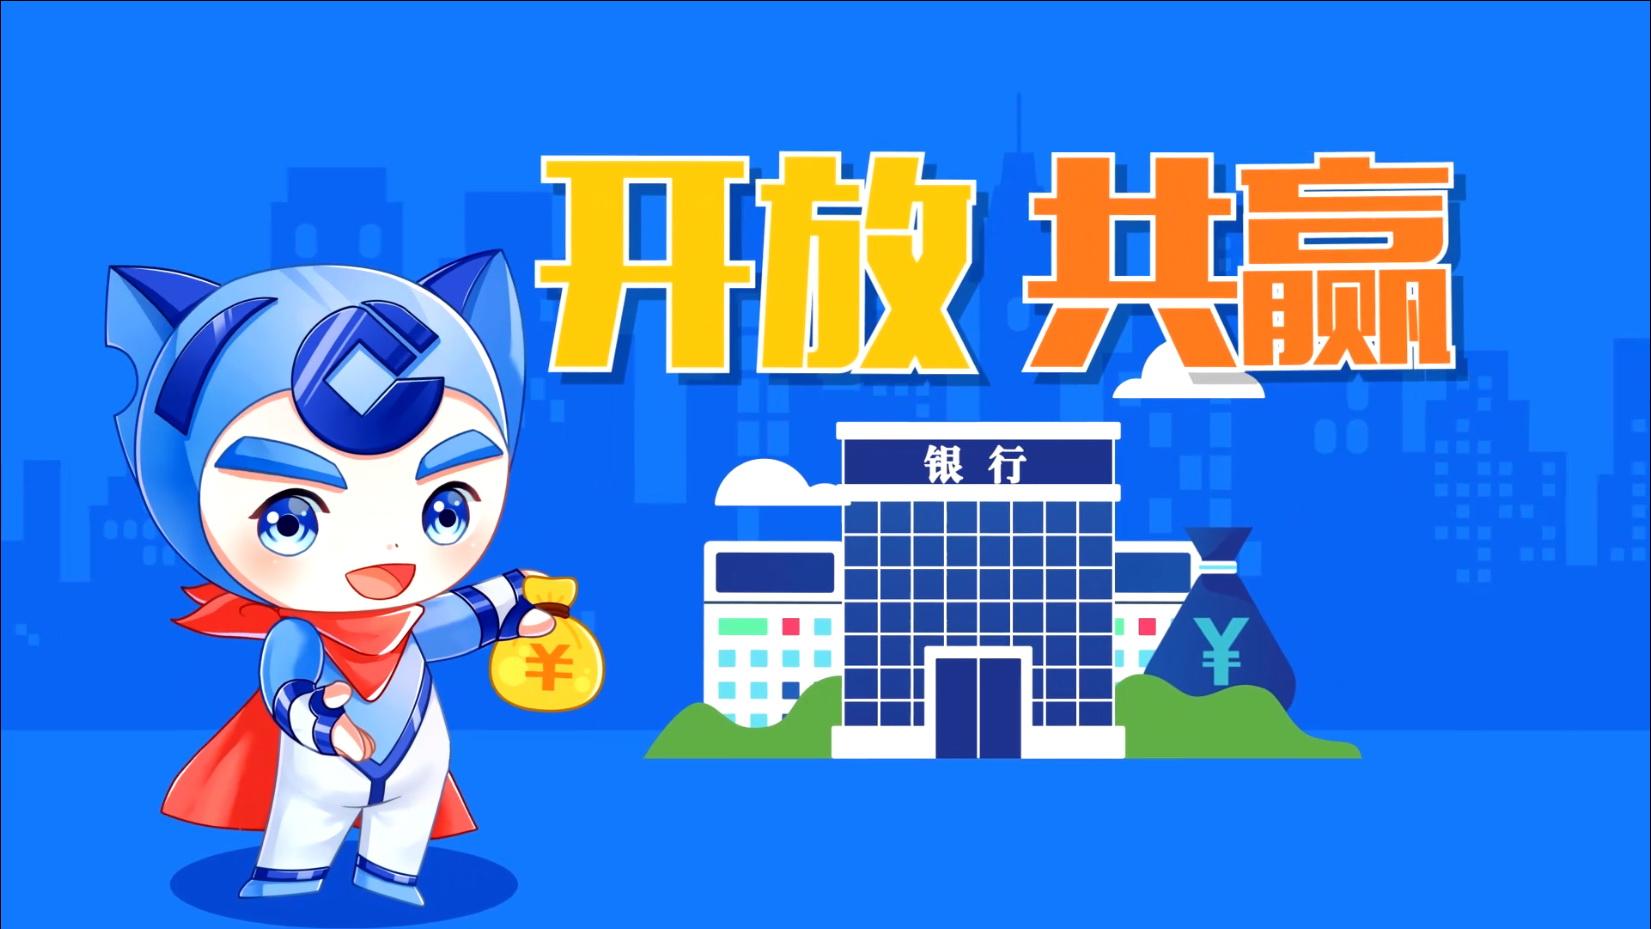 中国建设银行MG卡通动画产品宣传片